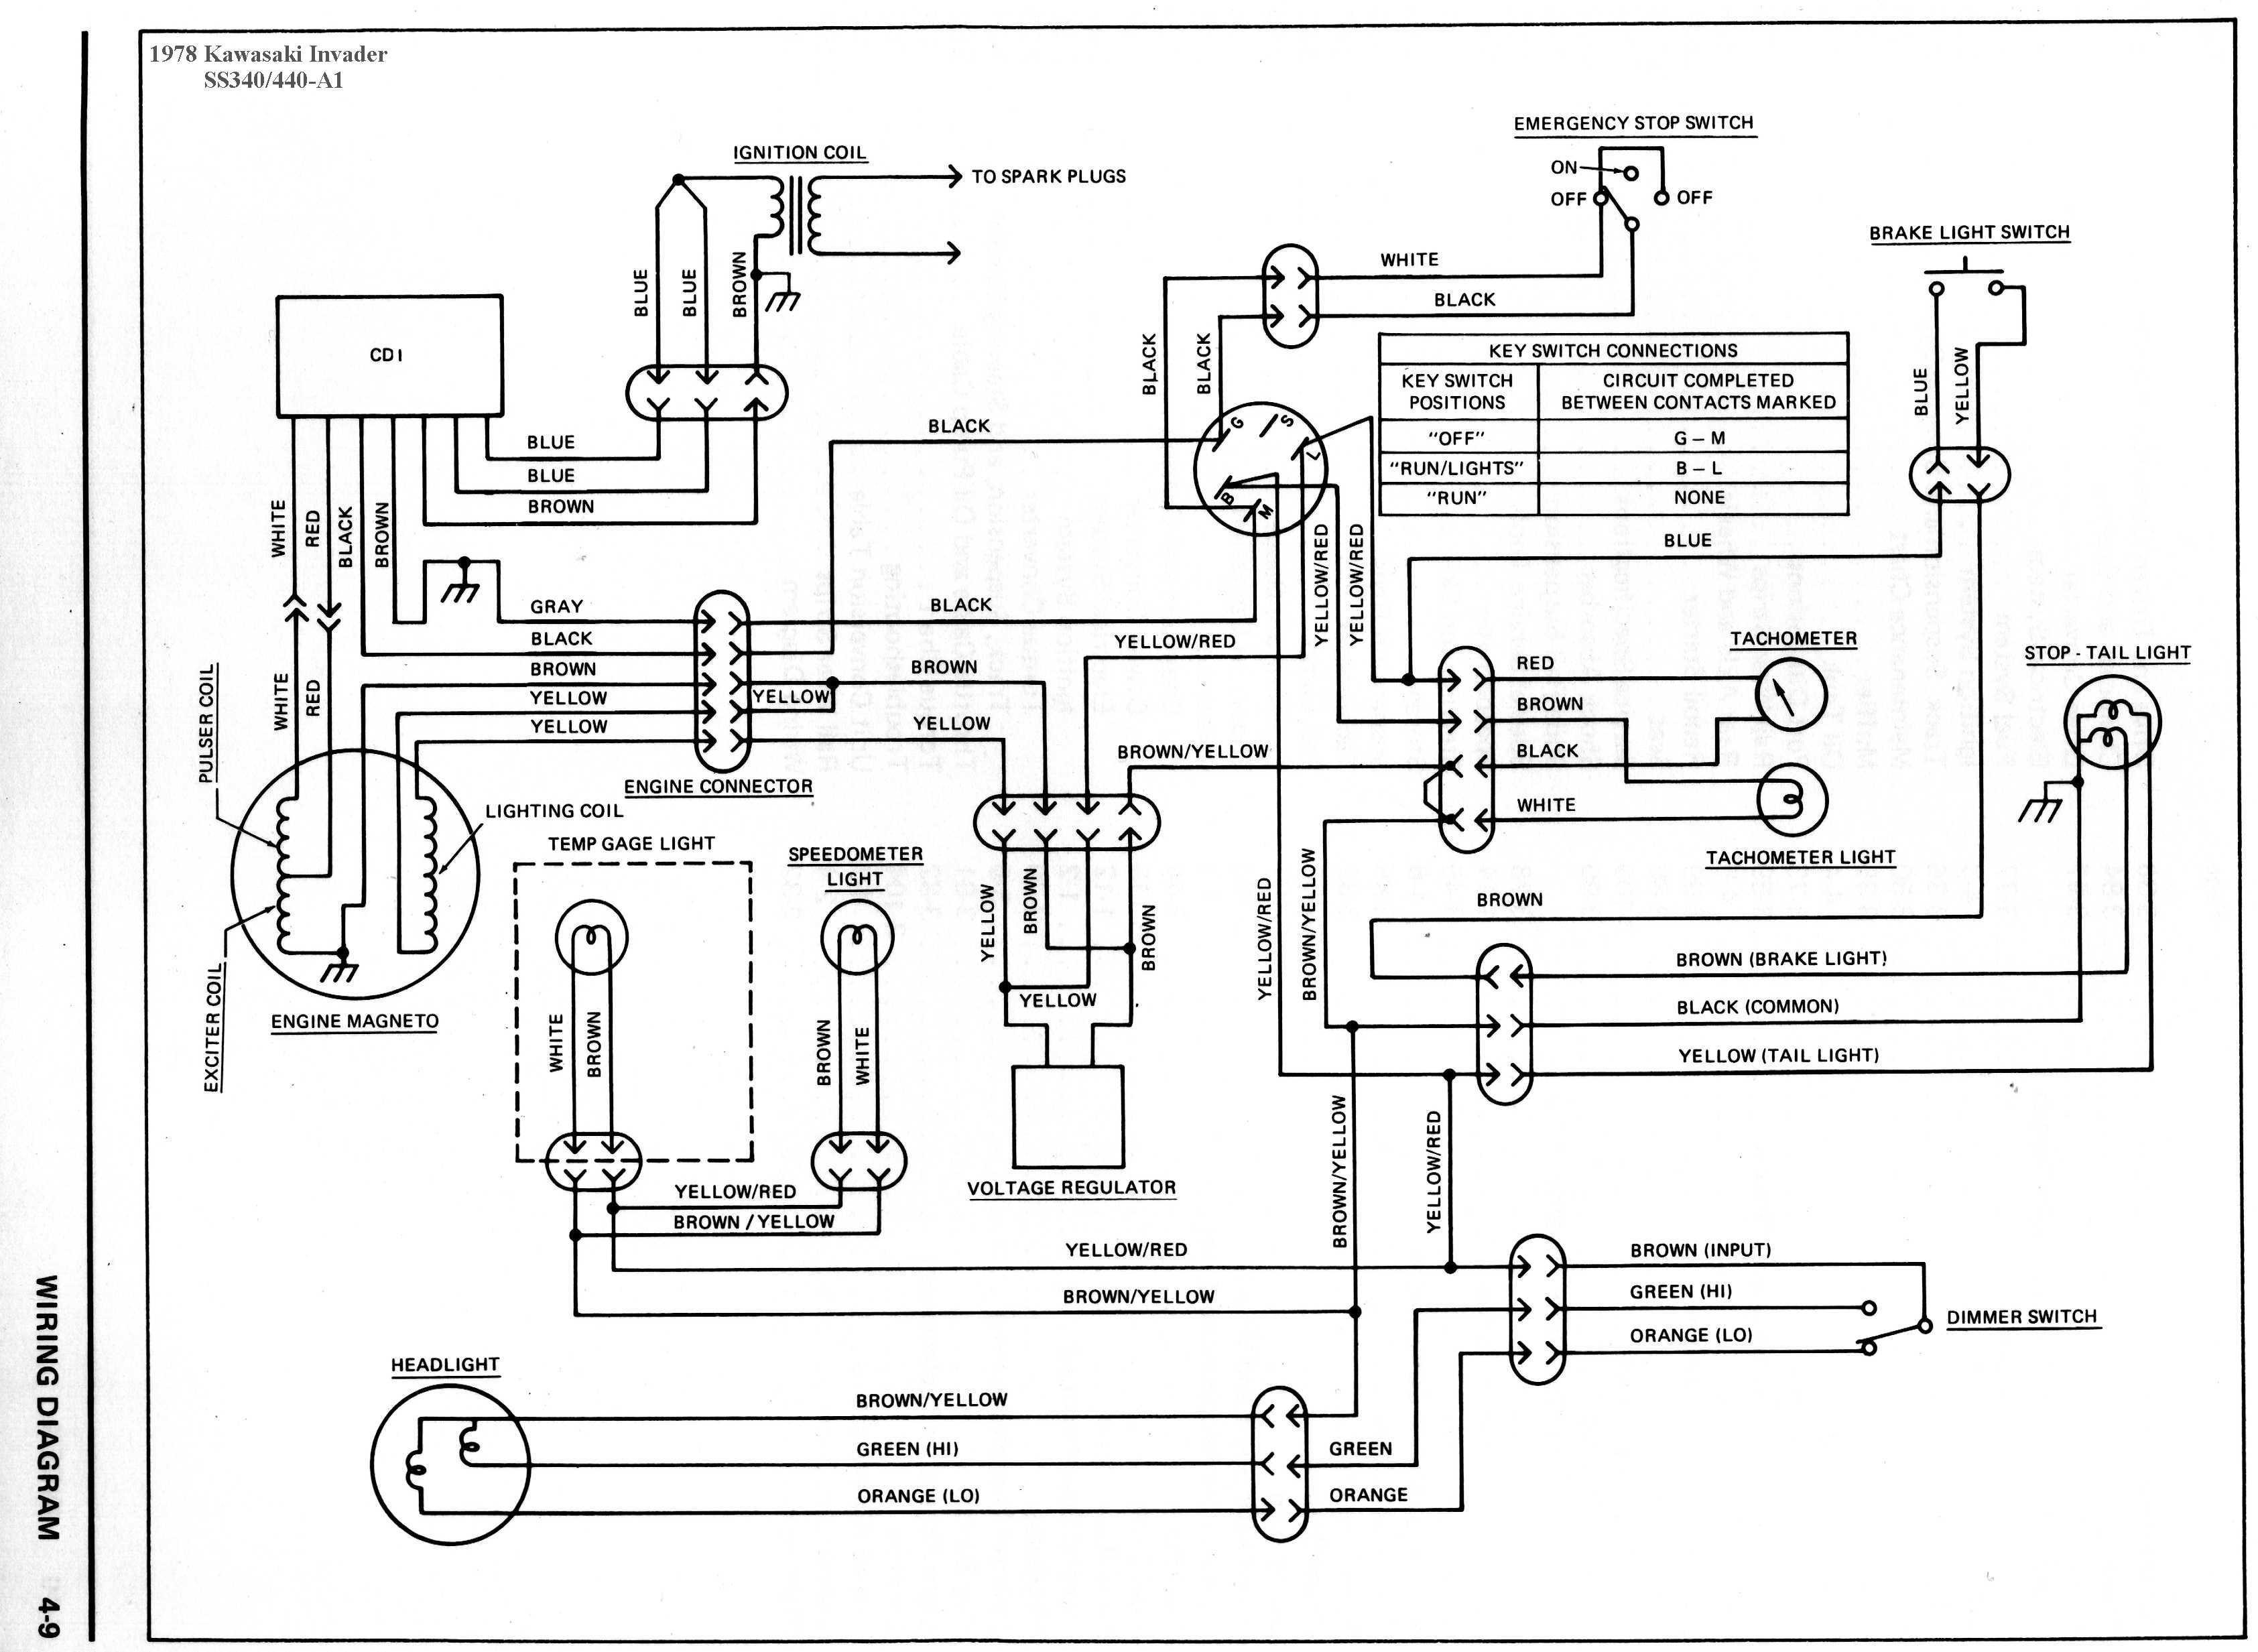 2003 Kawasaki 250 Bayou Wiring Schematics | Wiring Schematic ... on